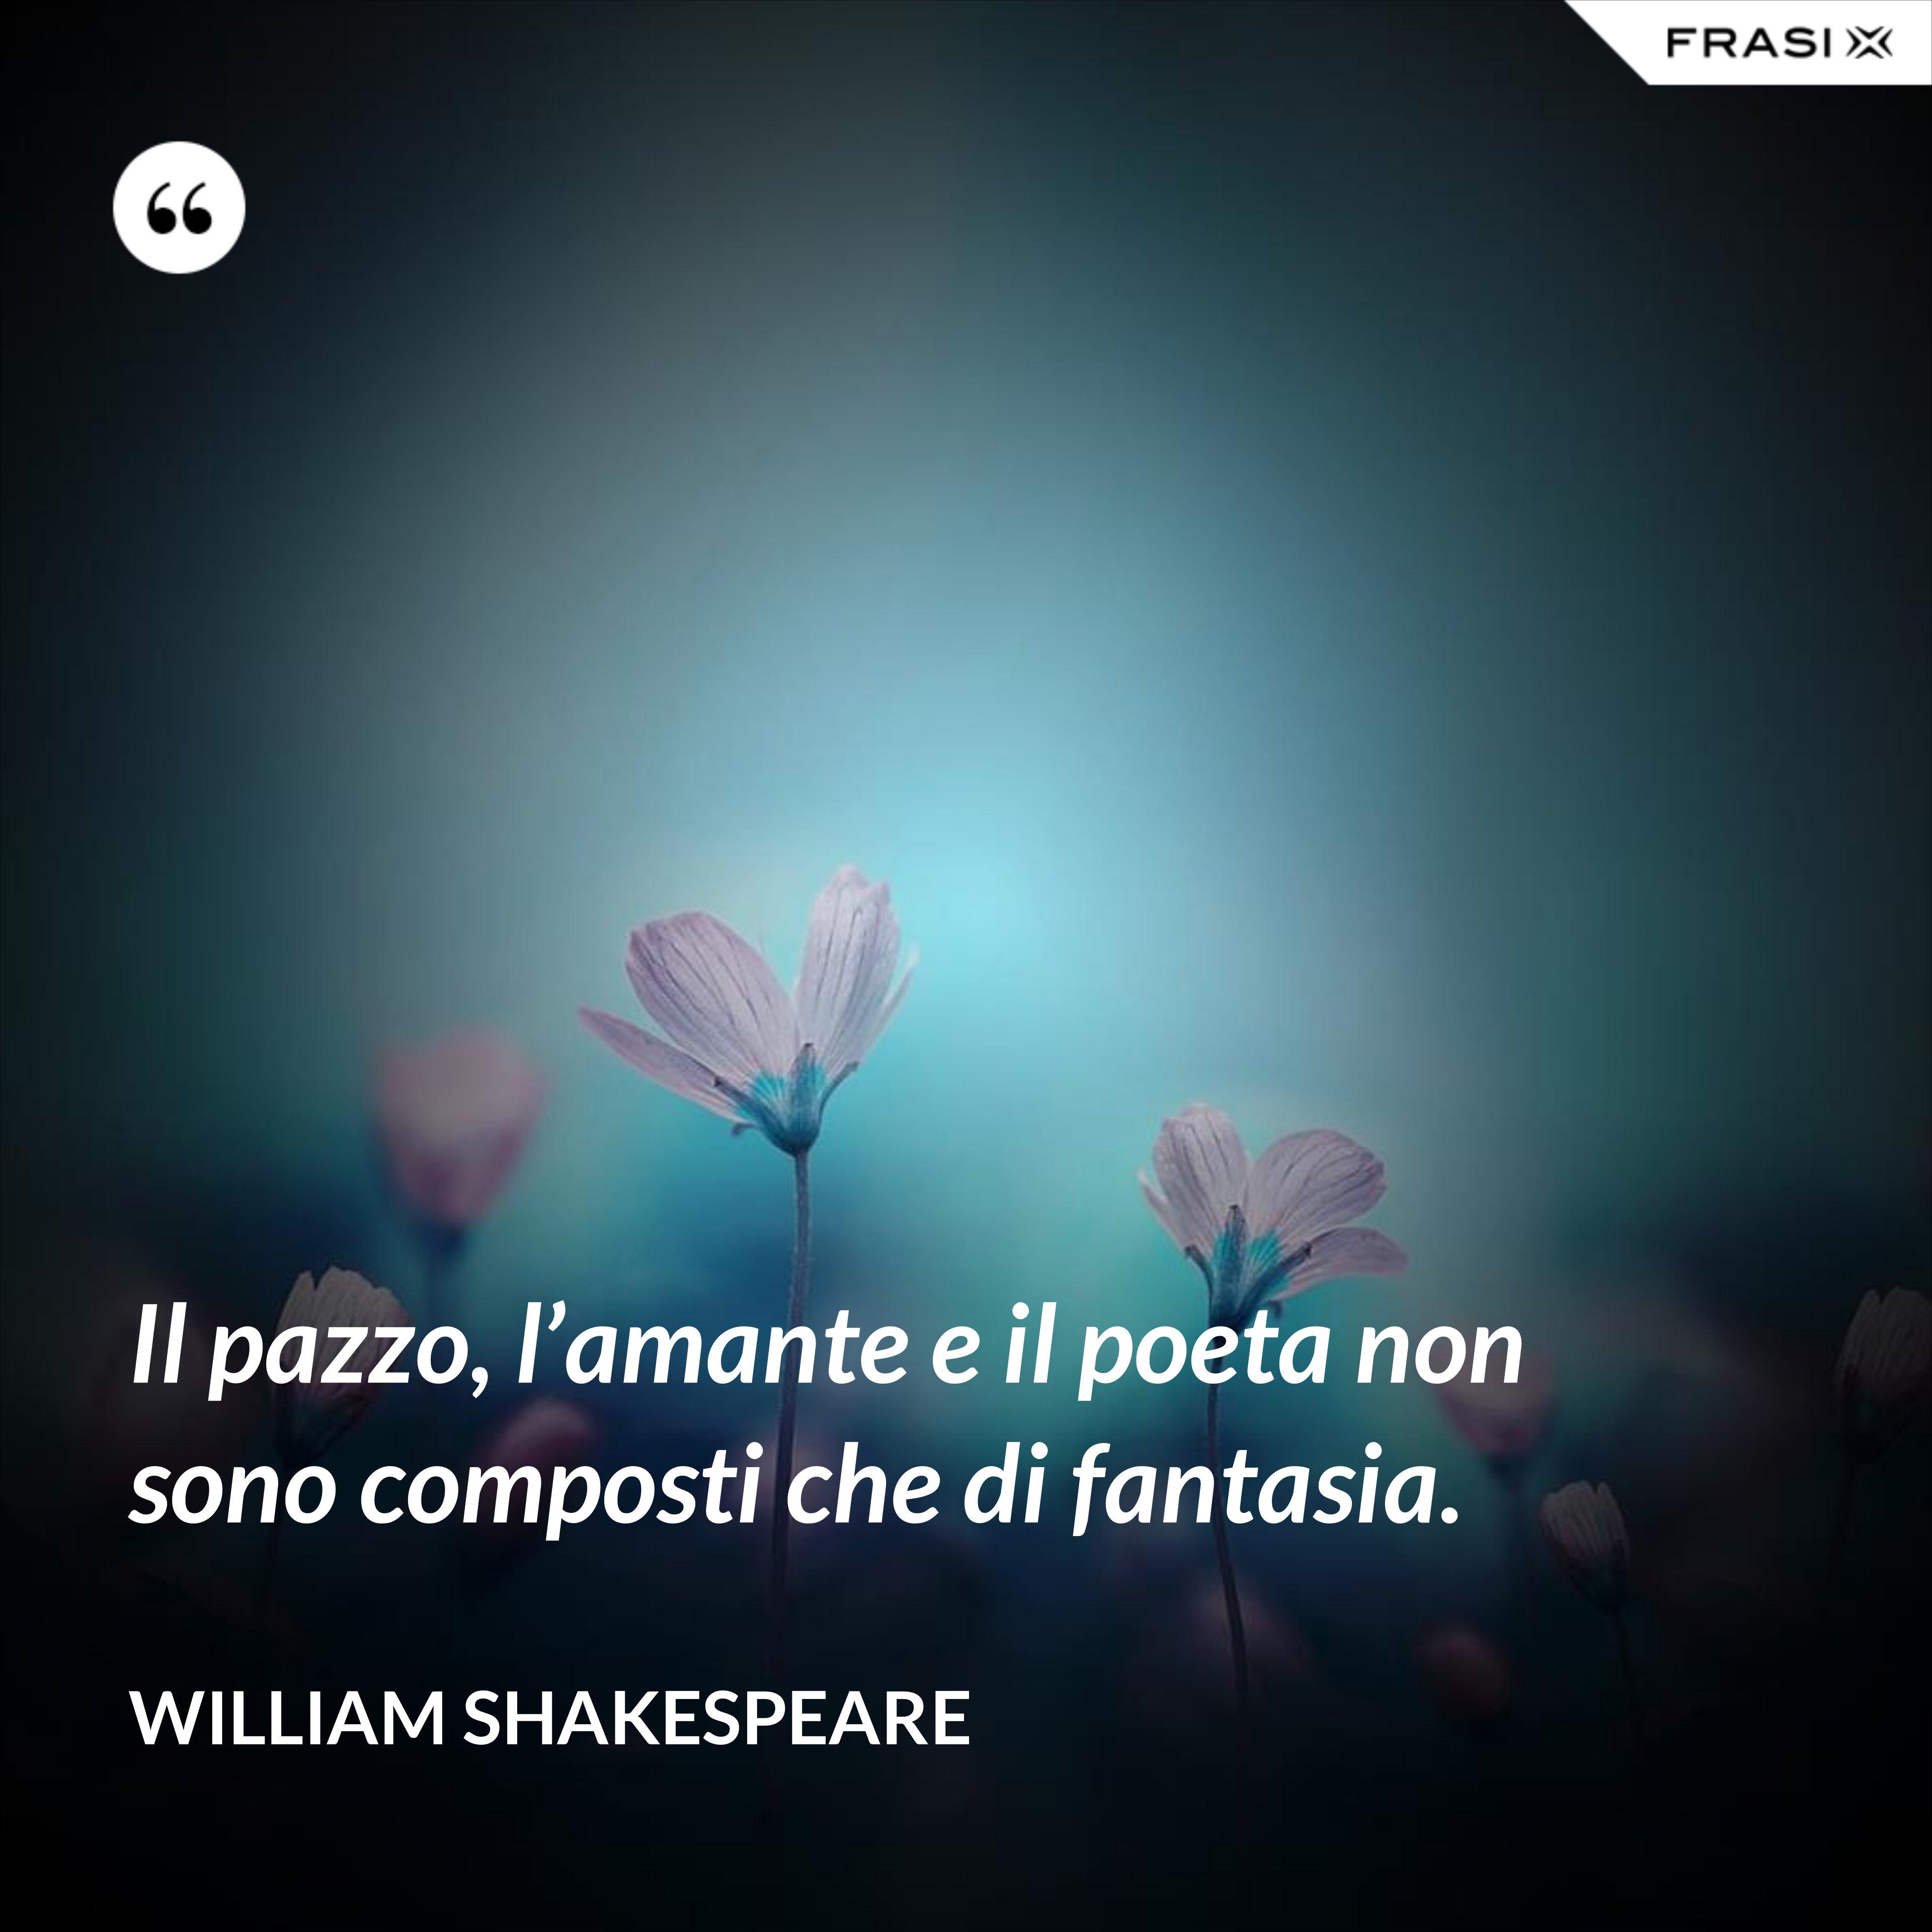 Il pazzo, l'amante e il poeta non sono composti che di fantasia. - William Shakespeare